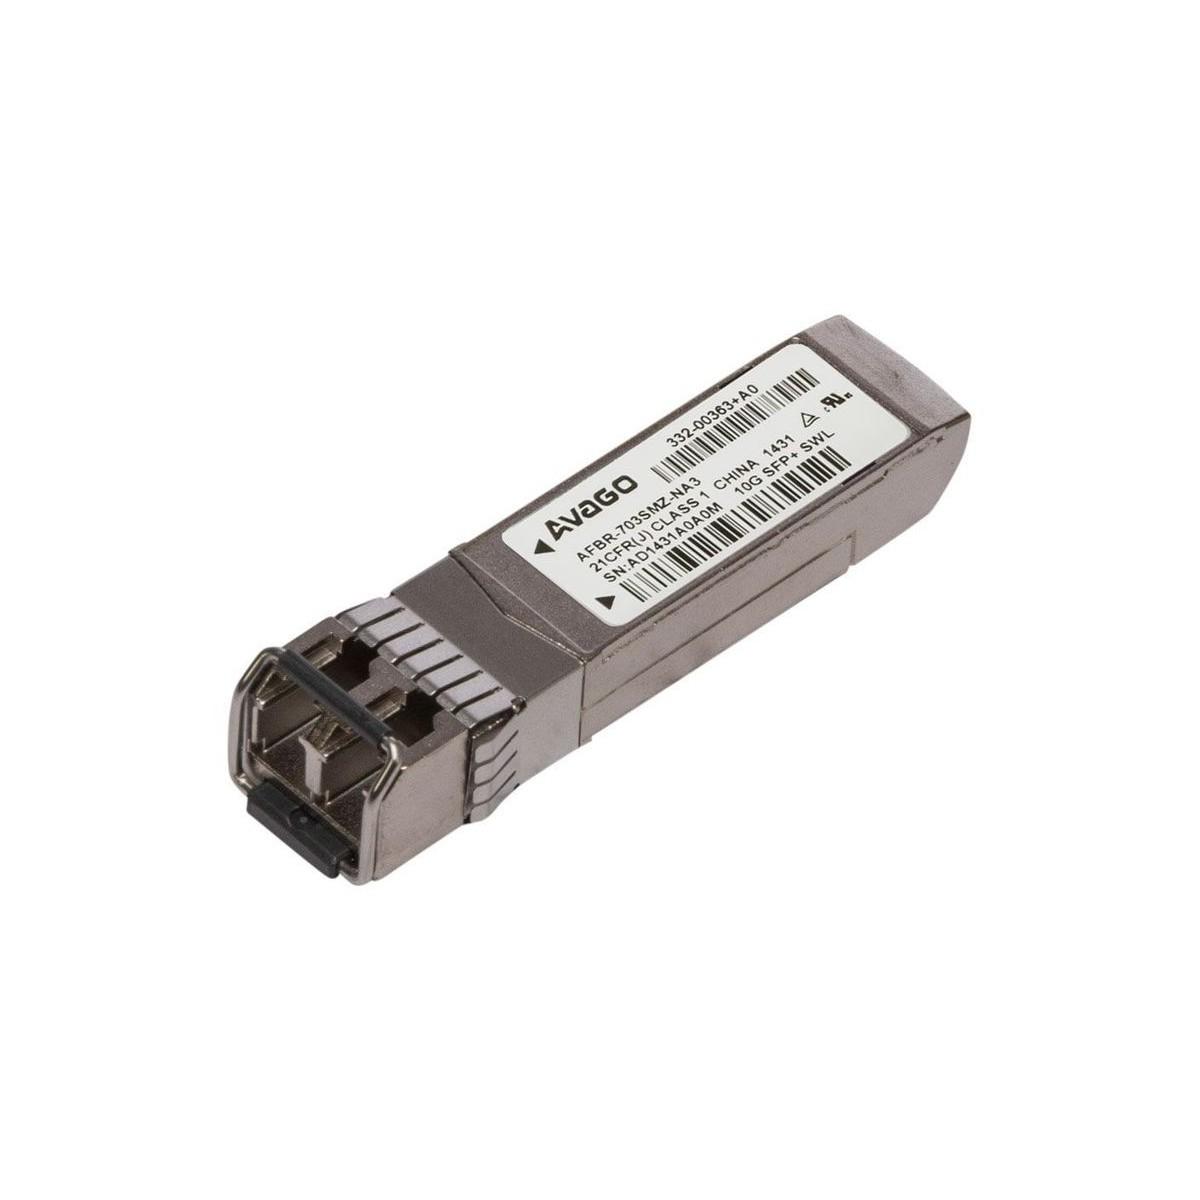 INTEL PXLA8591SR PRO/10GbE SR +GBIC C54889-007